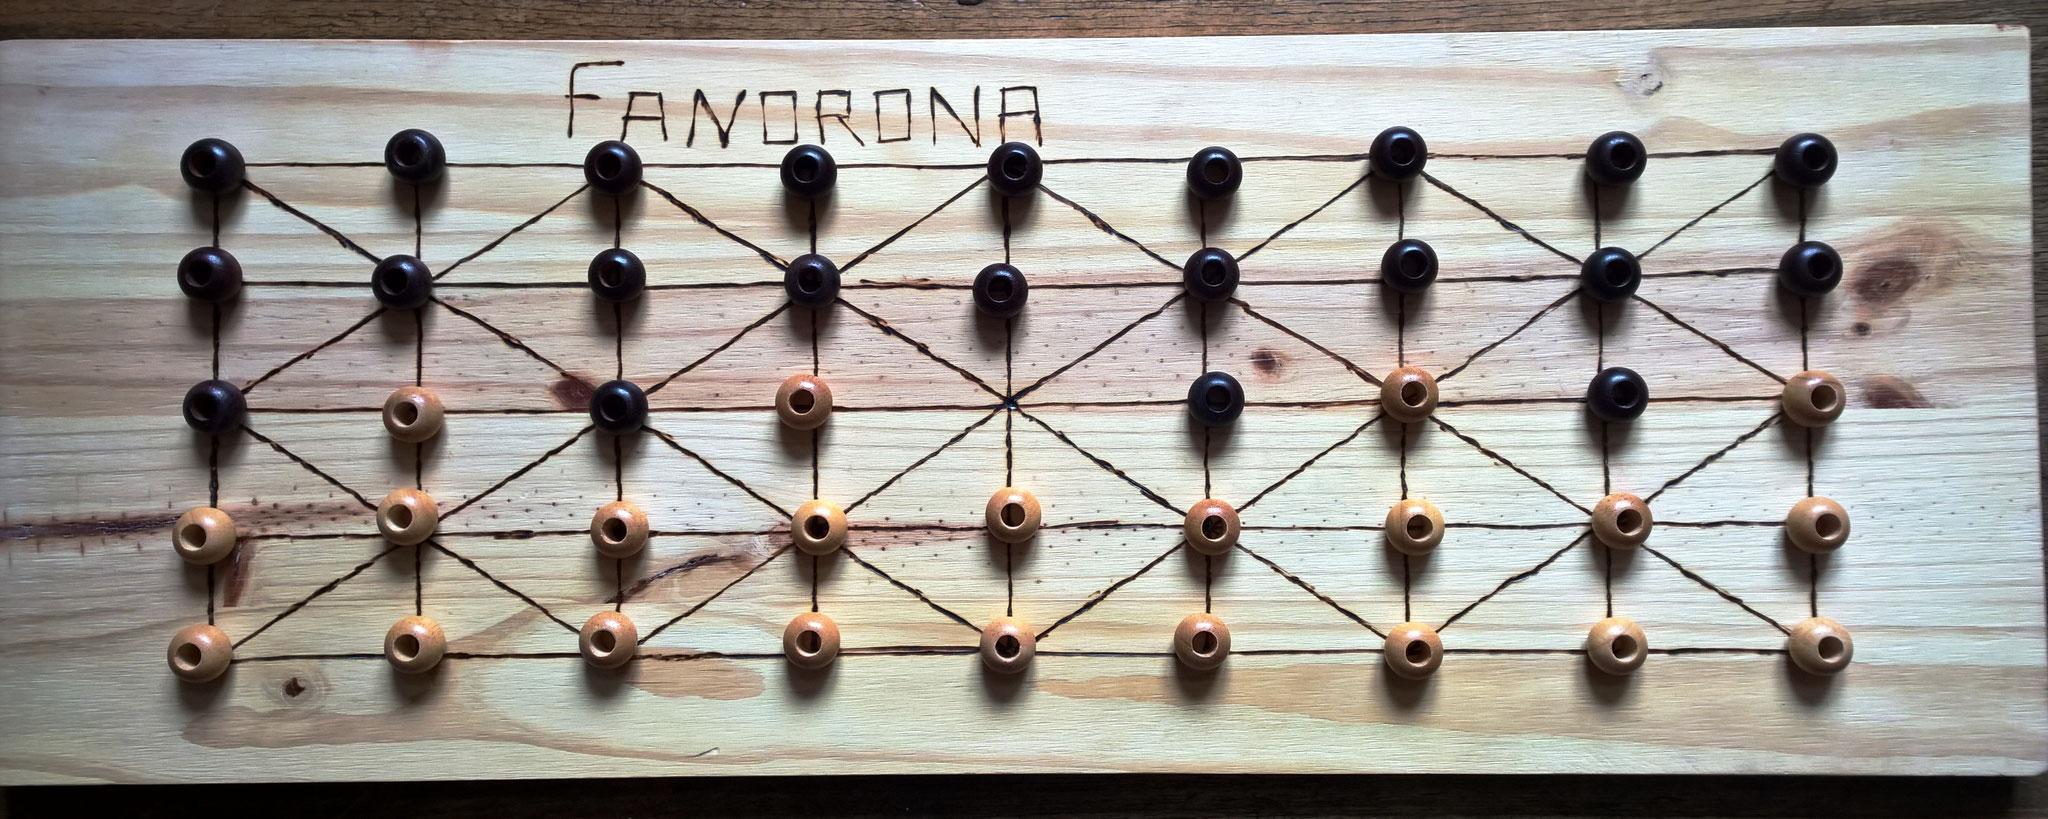 le Fanorona, de Madagascar, original dans la technique de prise des pions